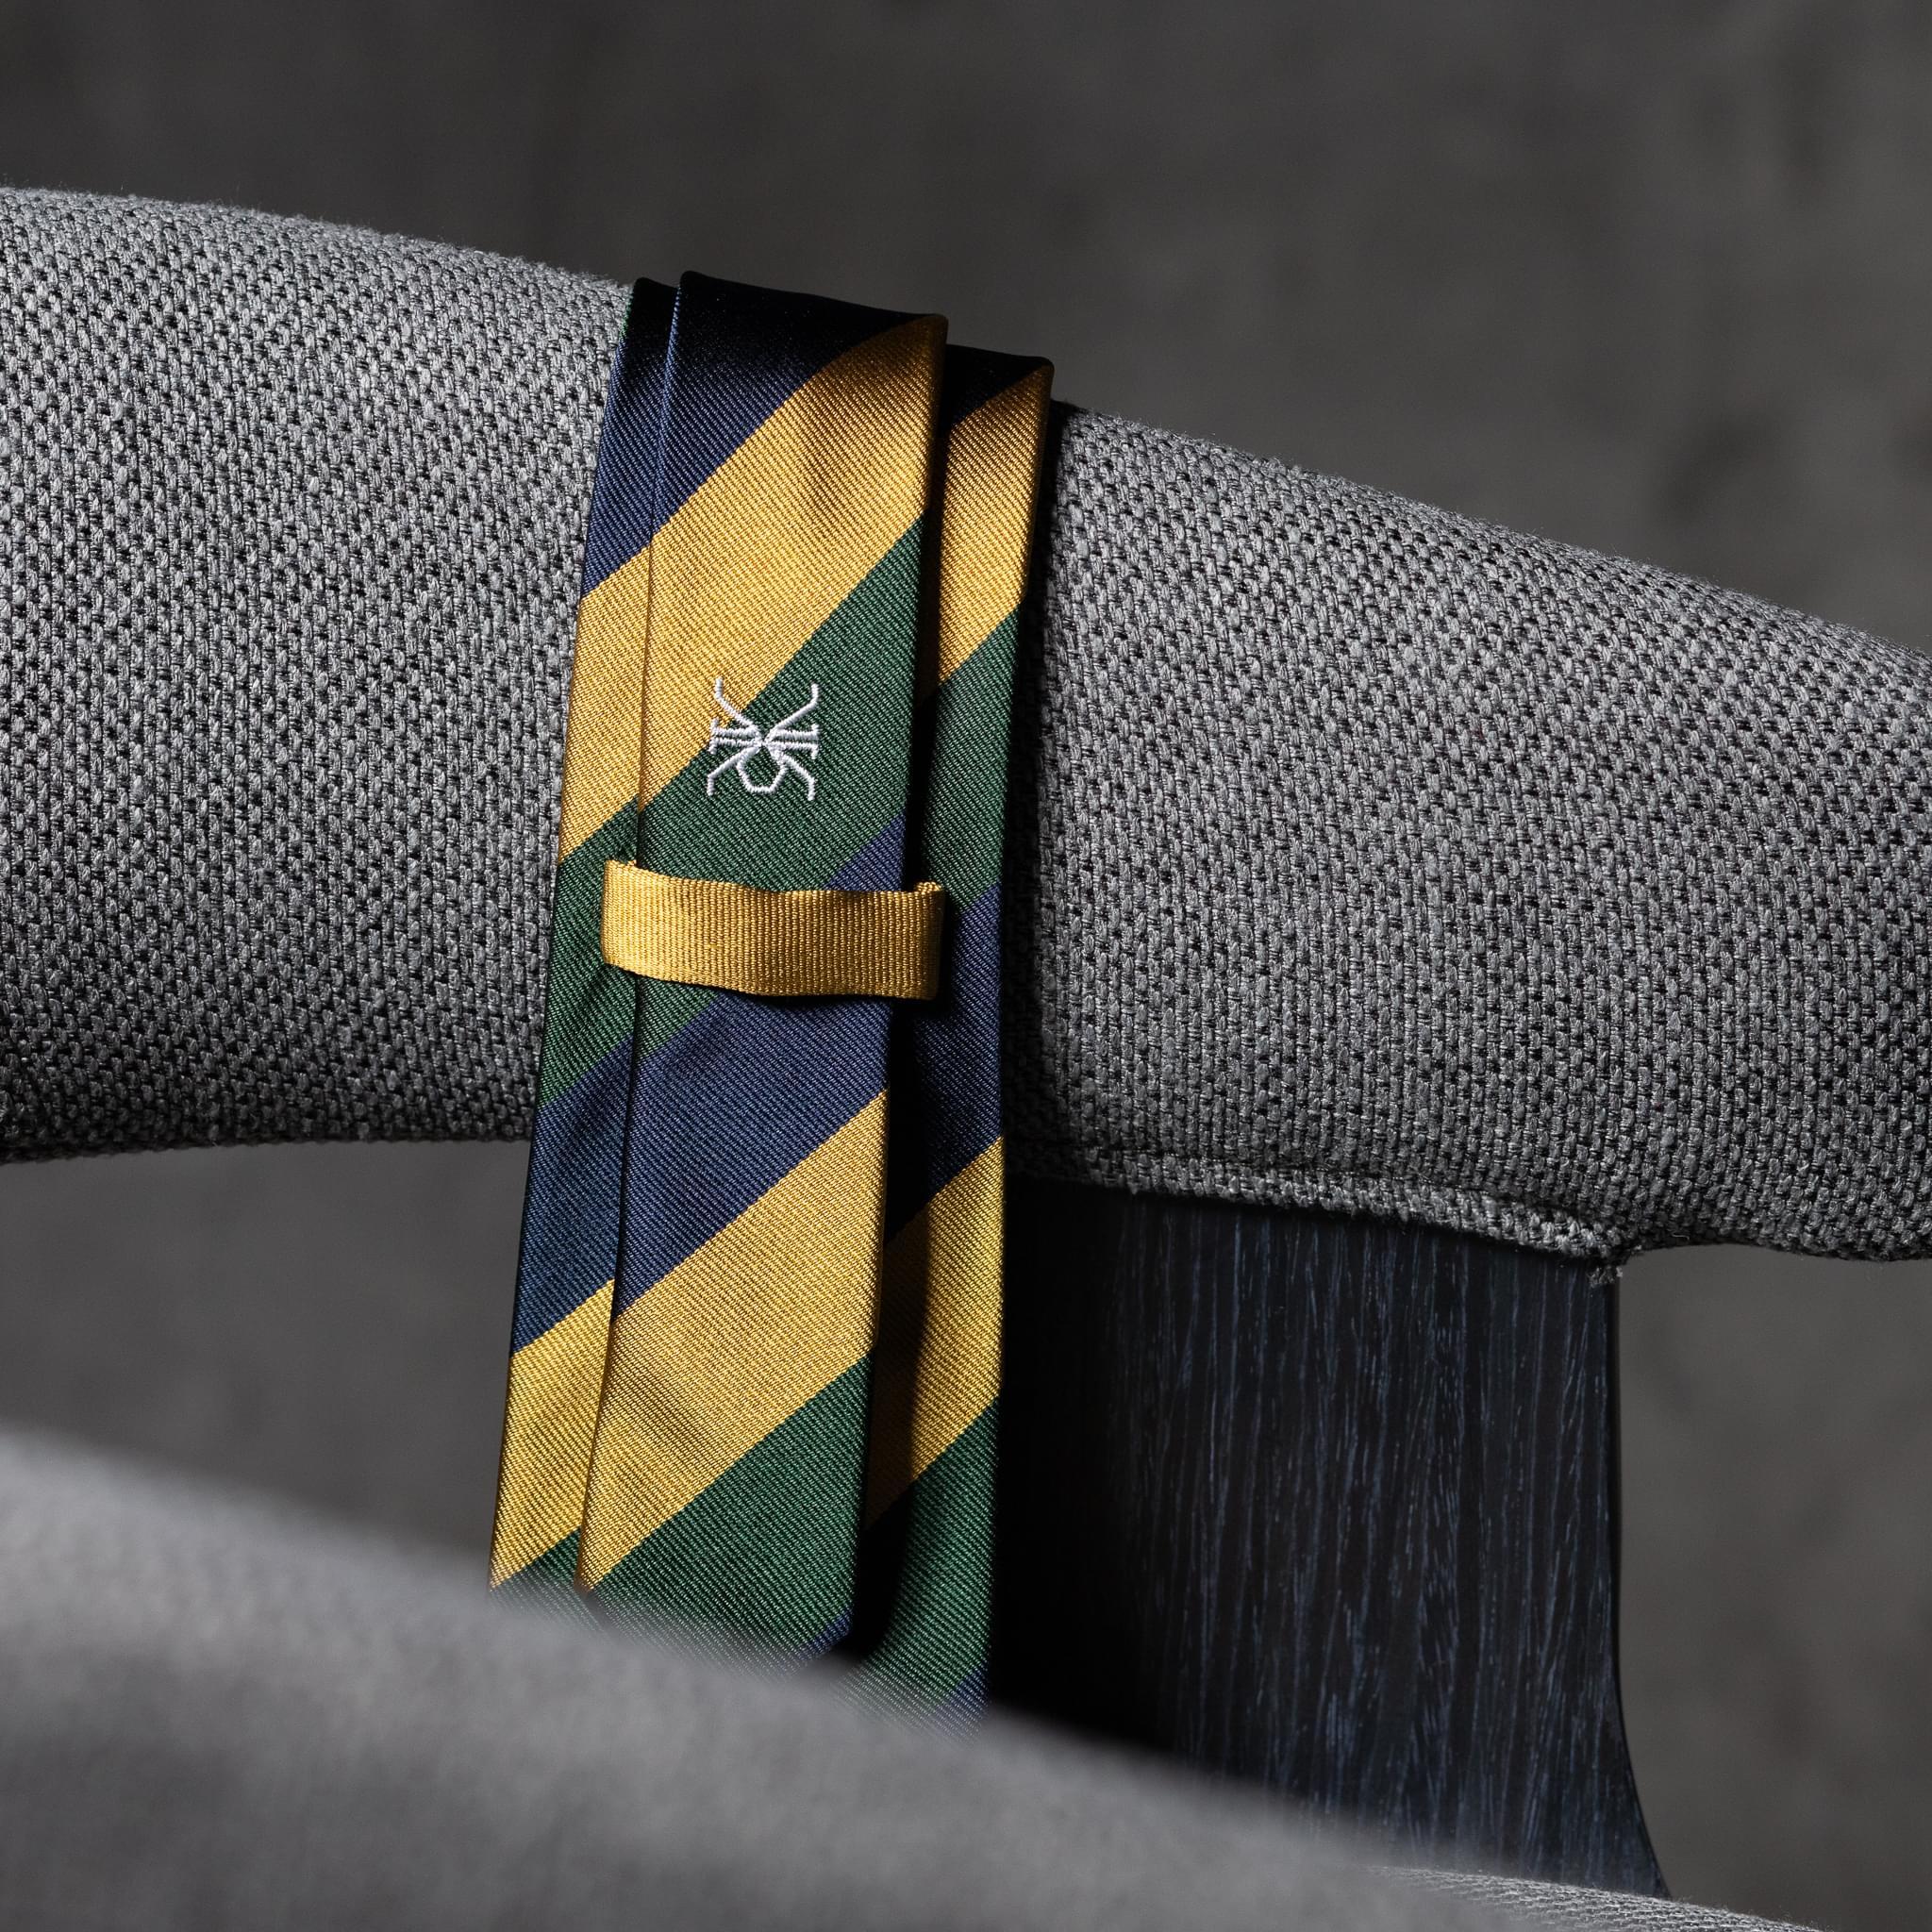 JACQUARD-0505-Tie-Initials-Corbata-Iniciales-The-Seelk-4